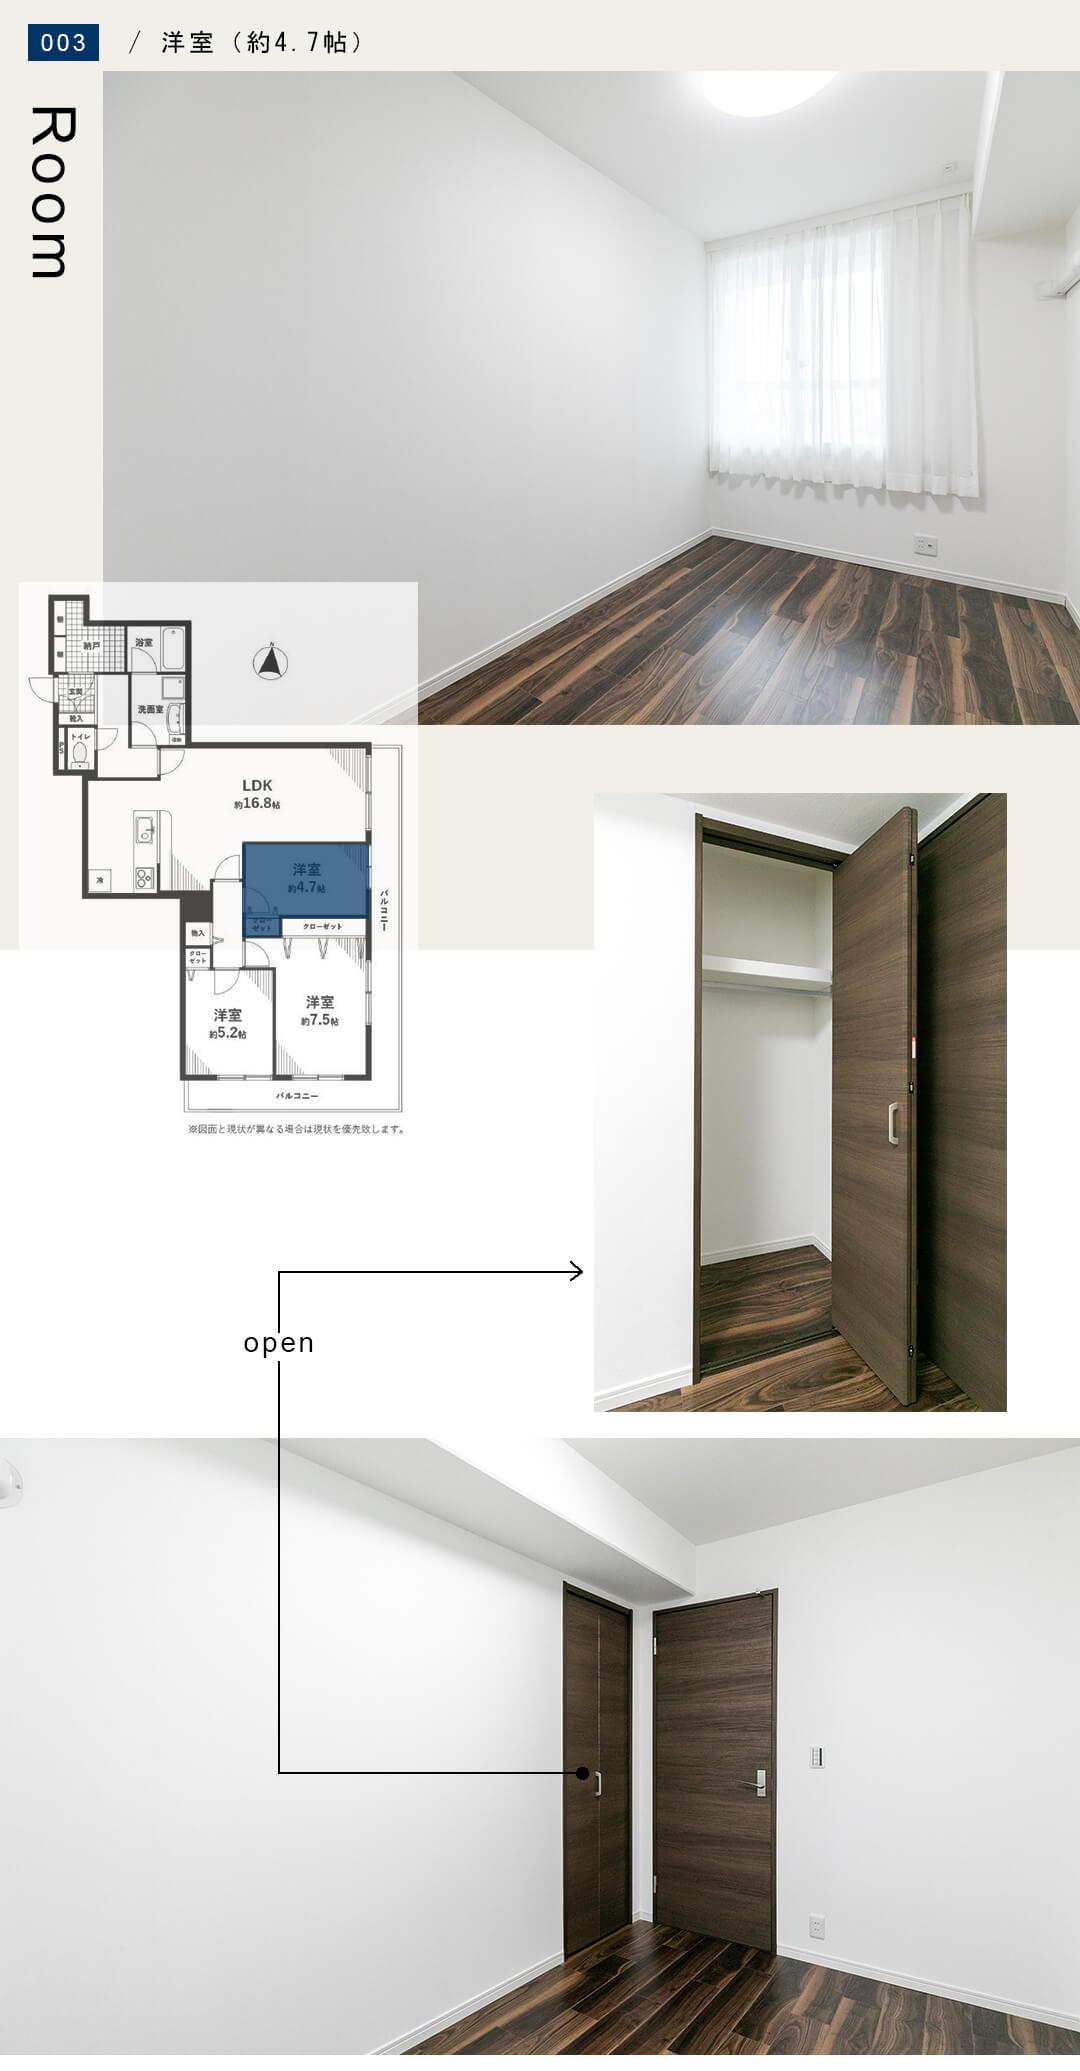 西戸山タワーホウムズノースタワー 1503の洋室(4.7帖)